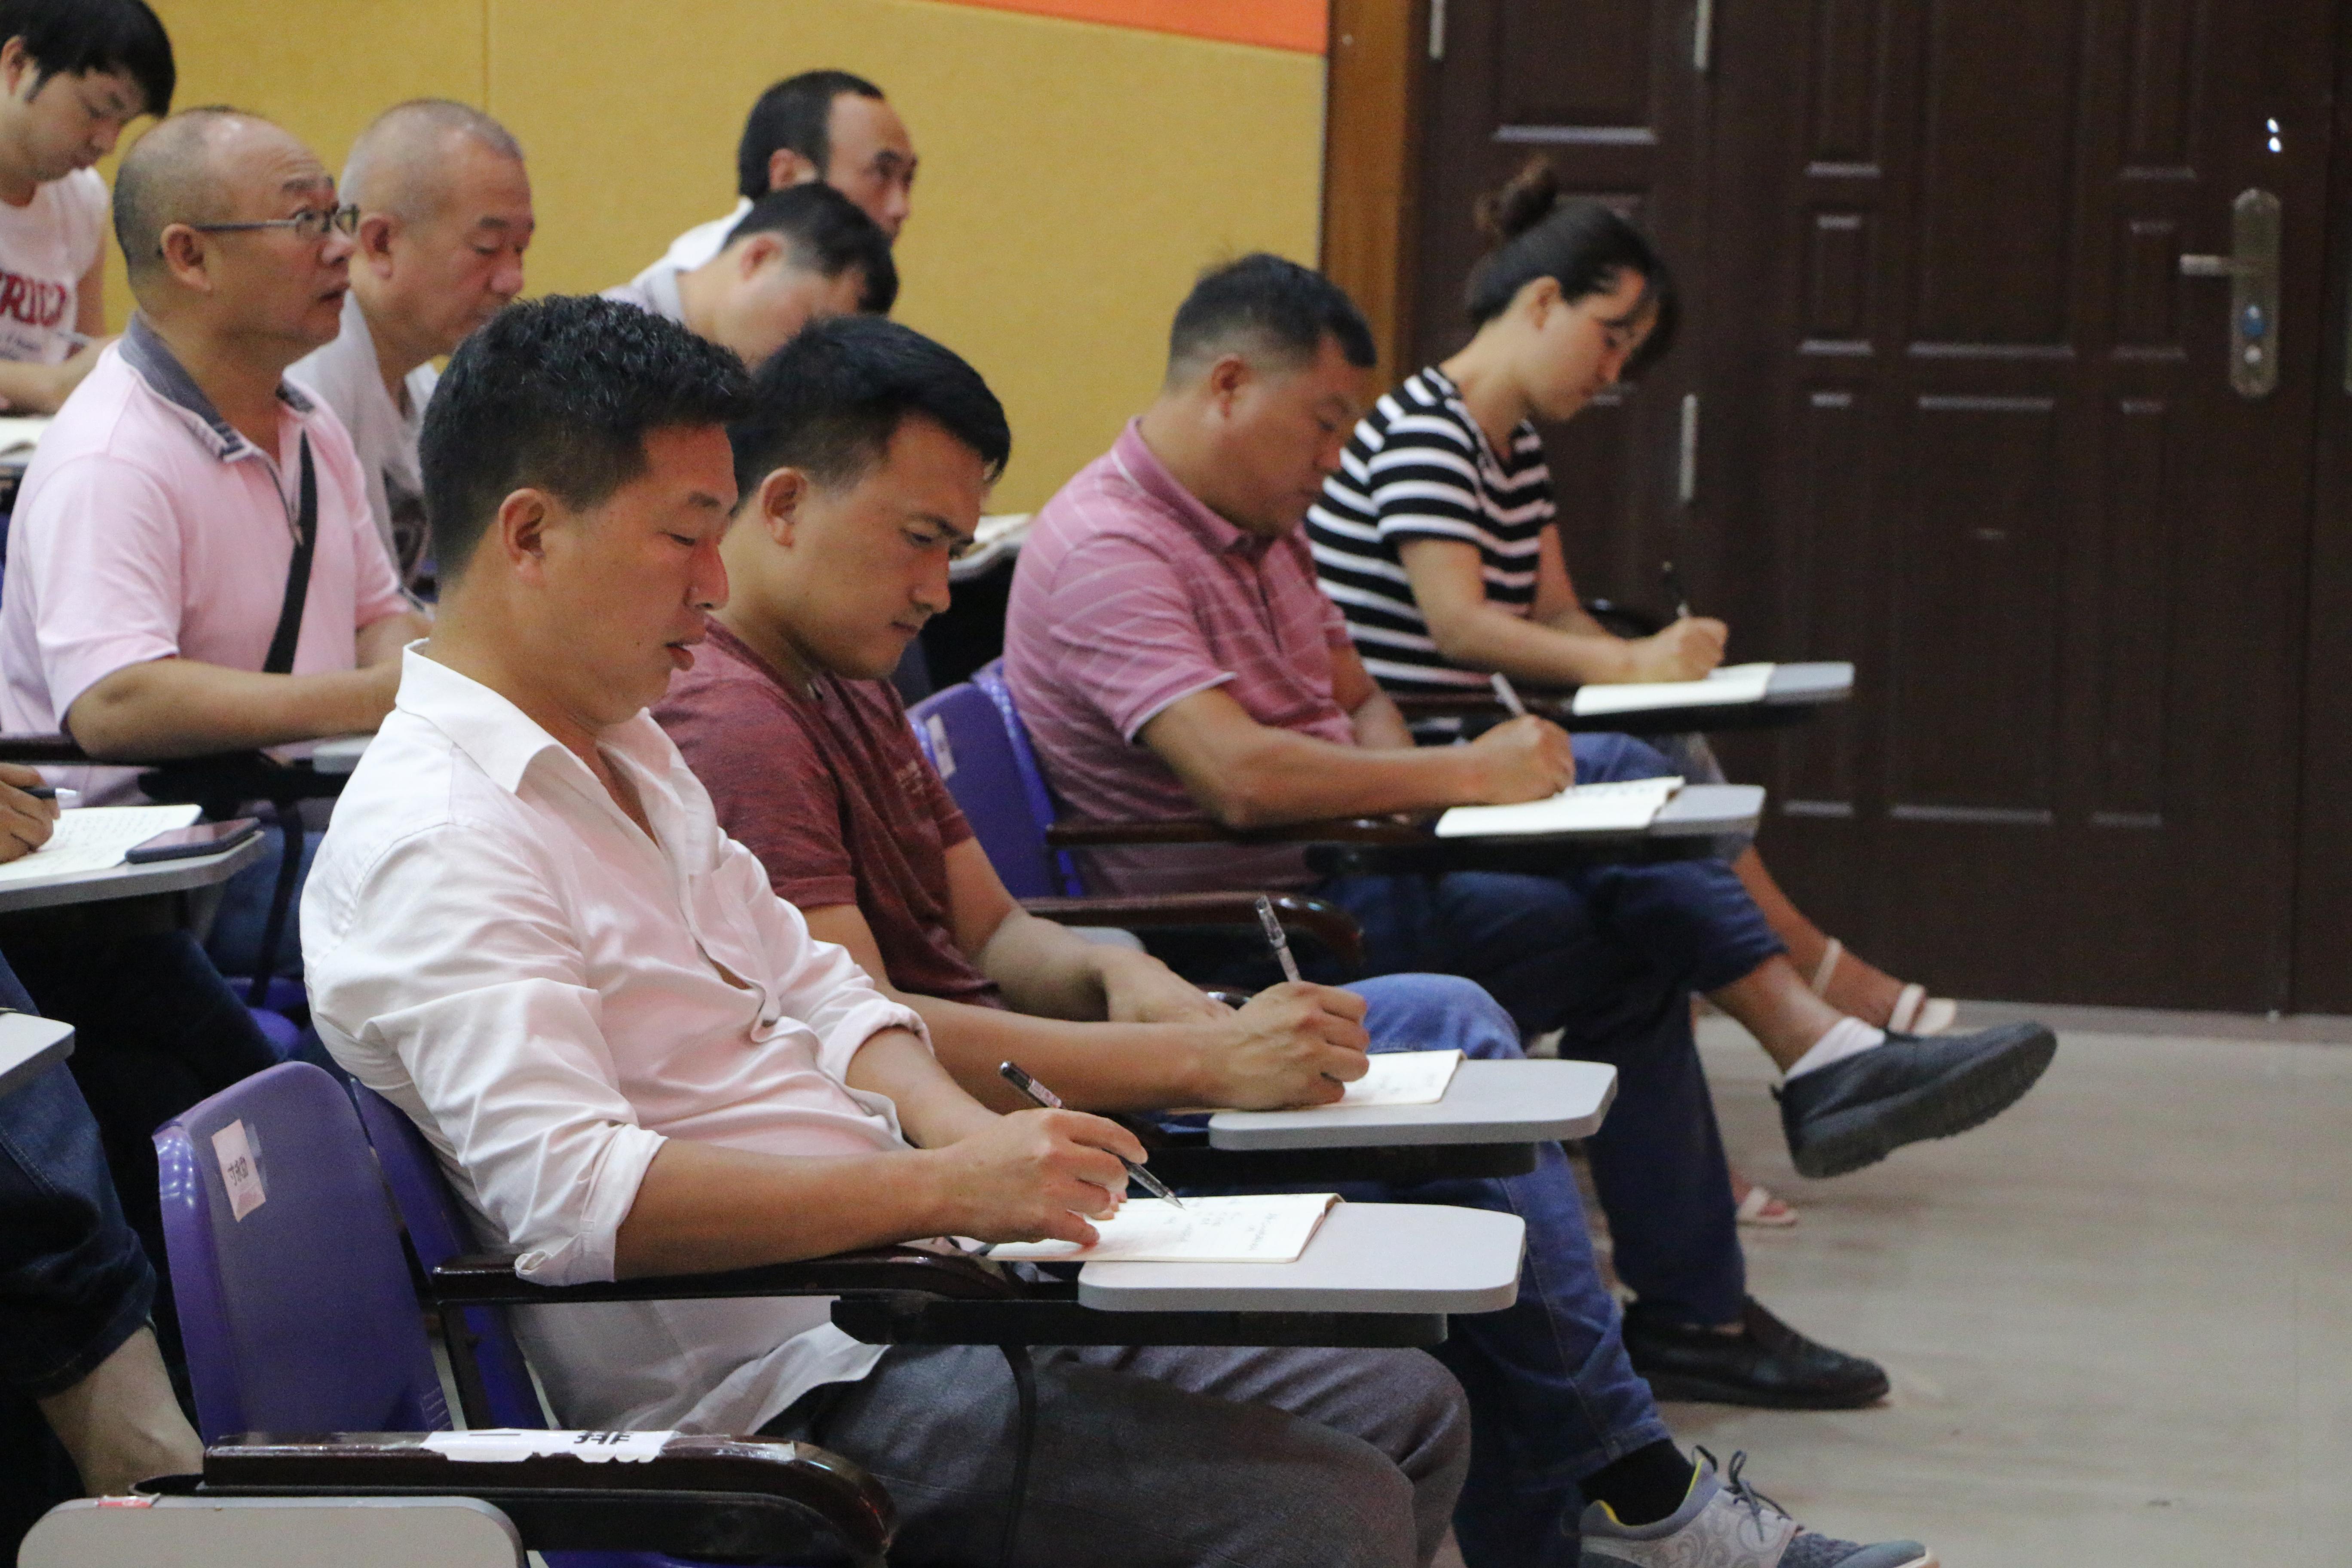 梁河县第一中学2020年春季学期第十期教师大讲堂 小组合作学习交流